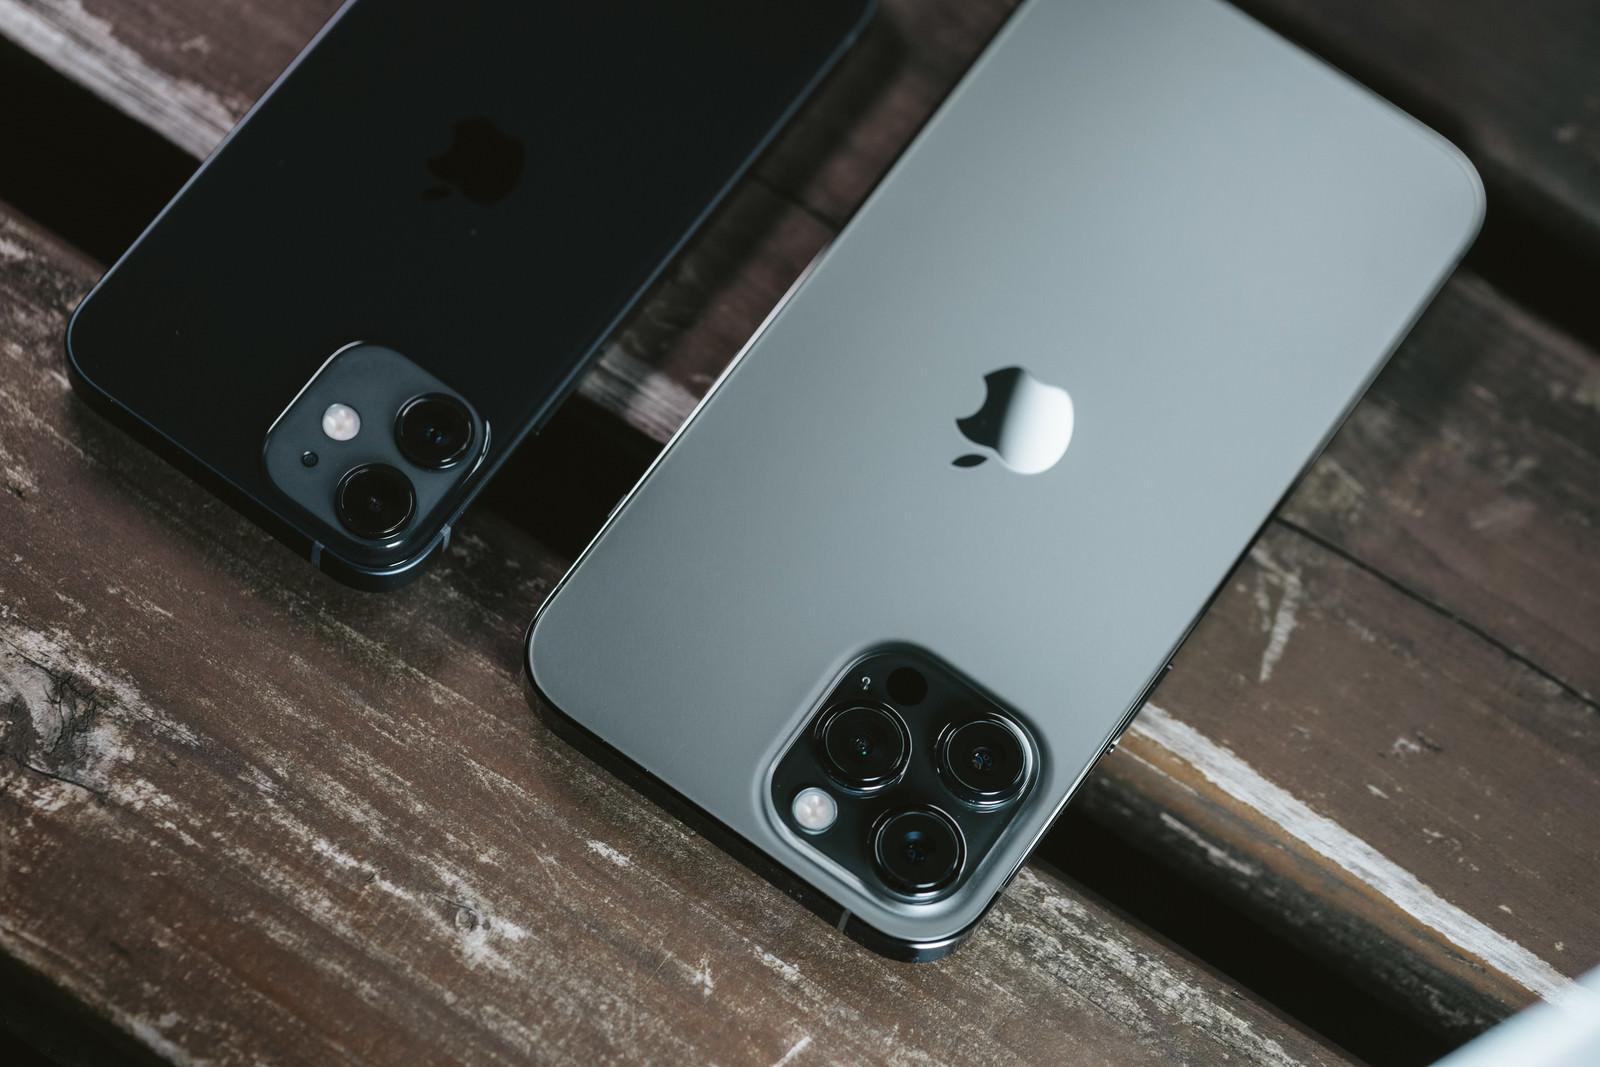 「iPhone 12 と iPhone 12 Pro」の写真